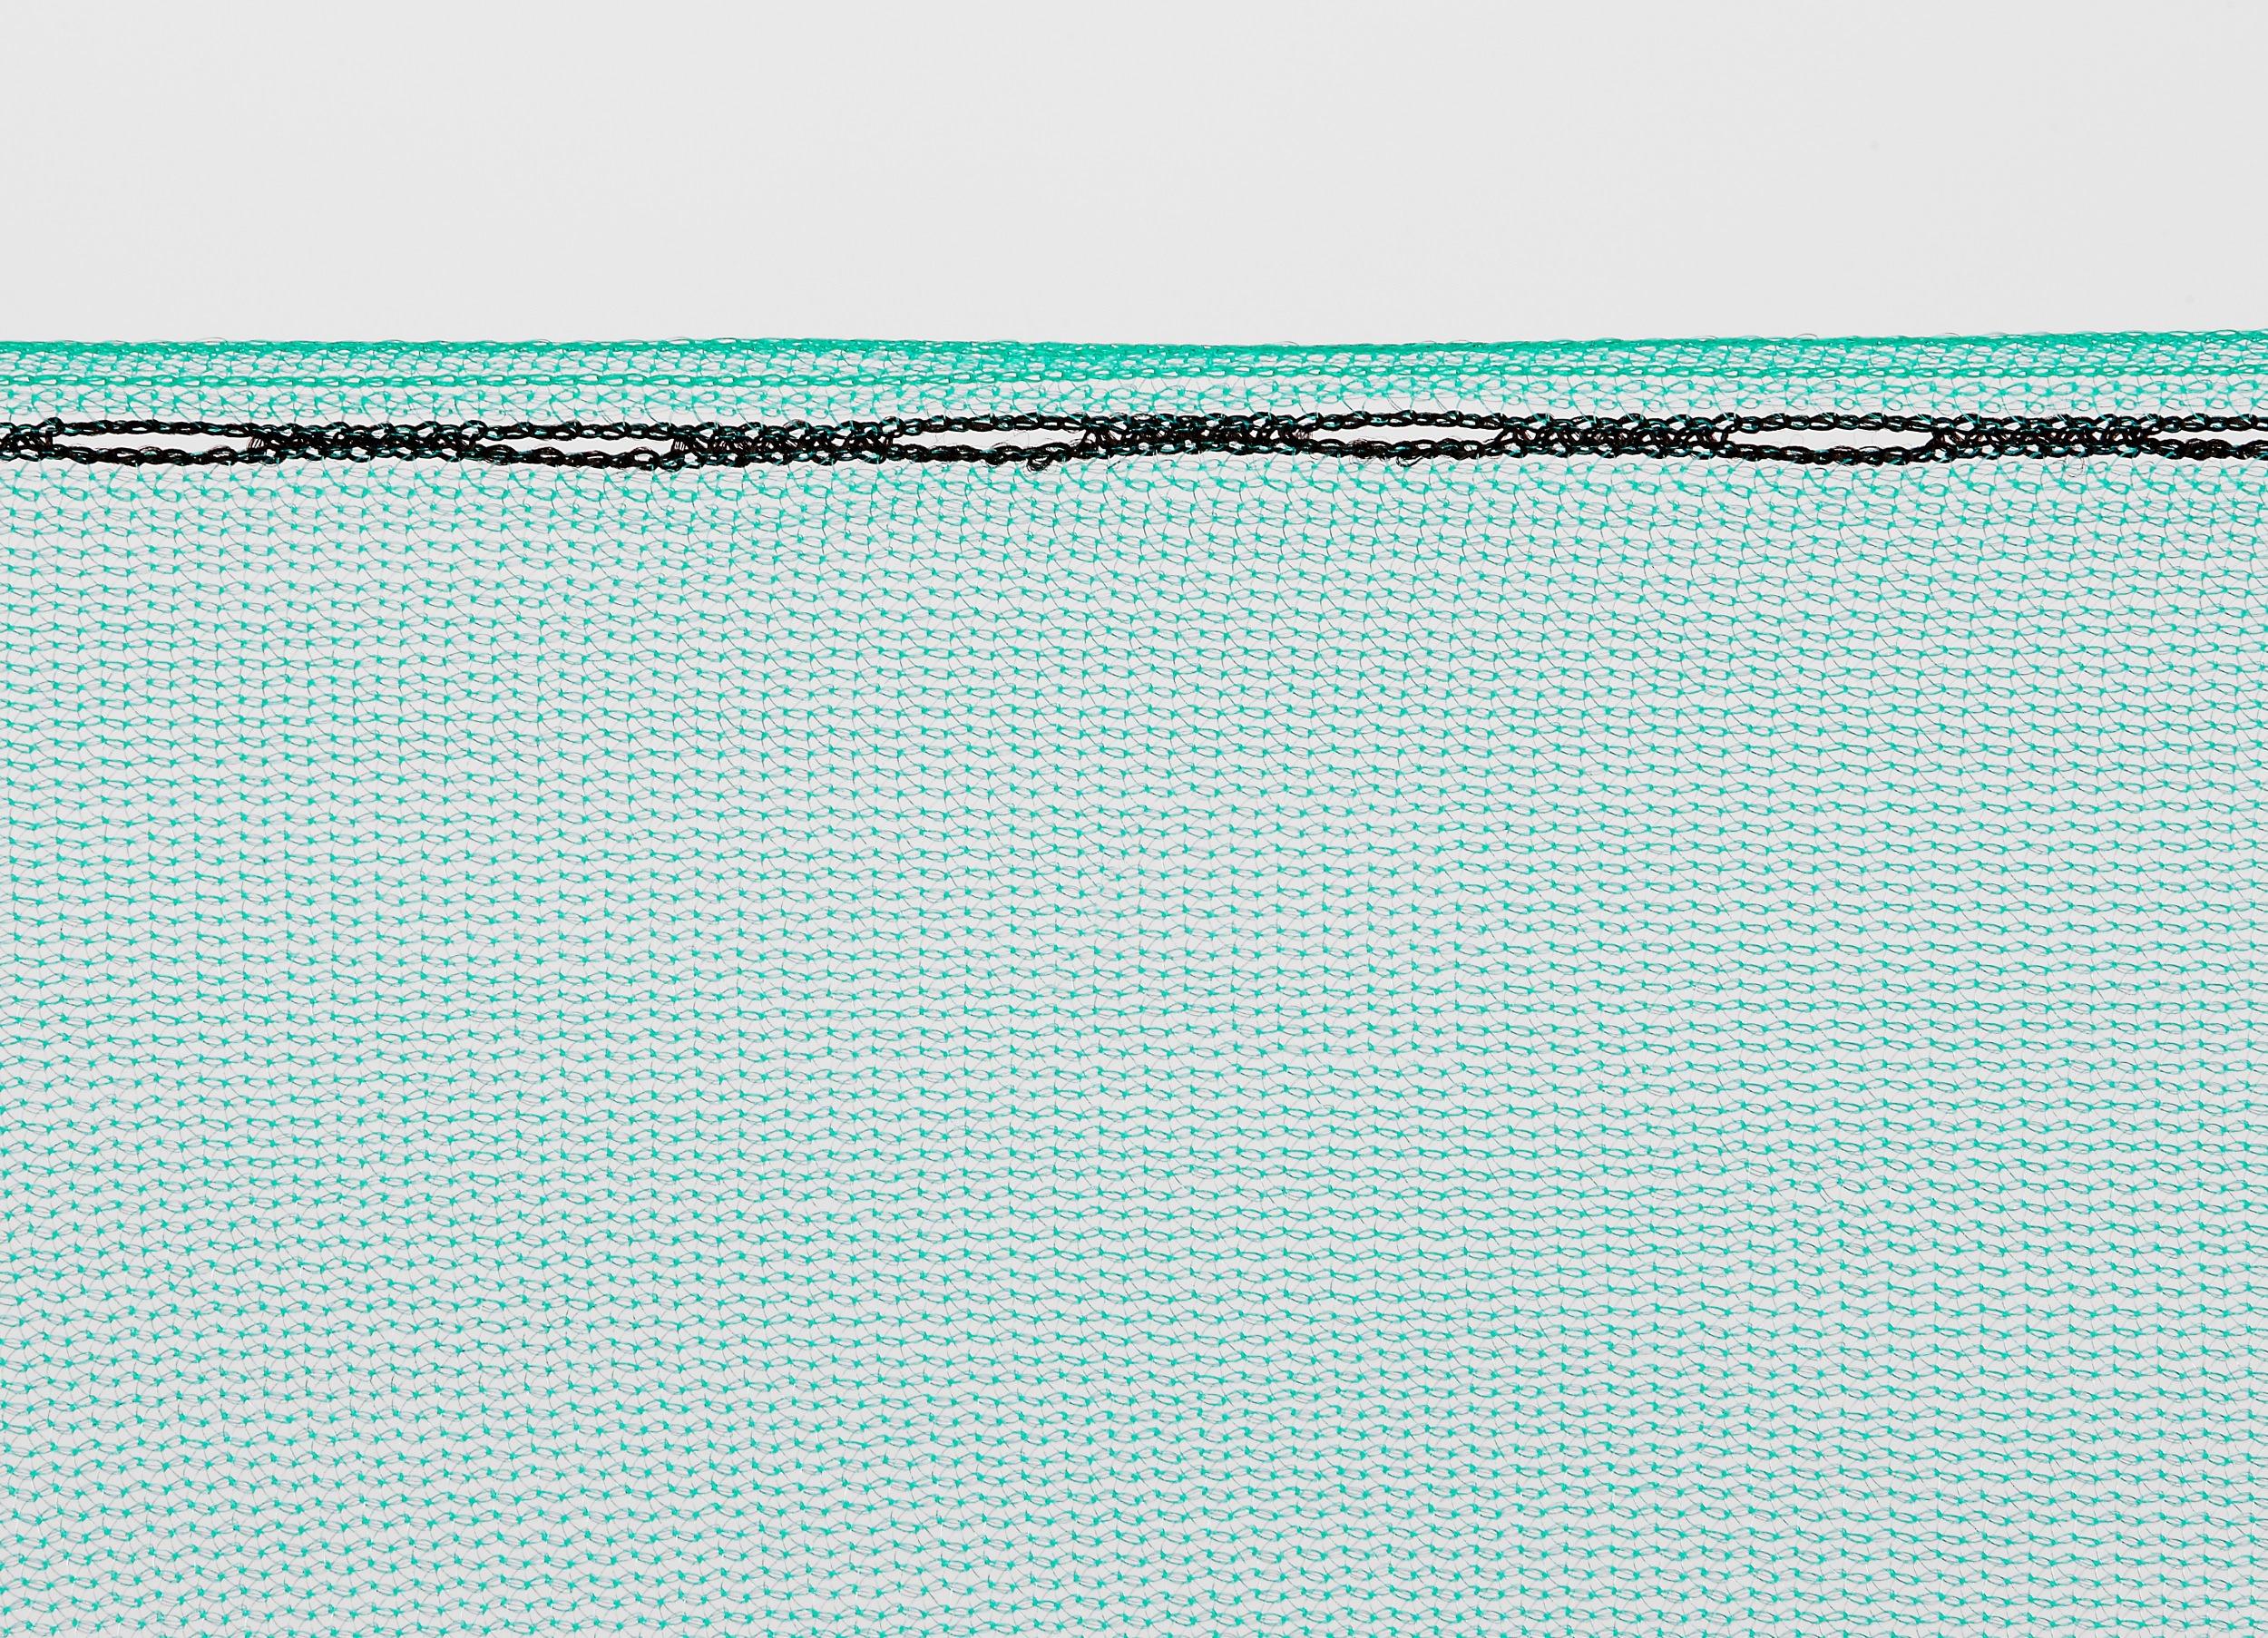 Staubnetz 2 57 x 50 00 m schutznetze24 for Schreibtisch 2 00 m